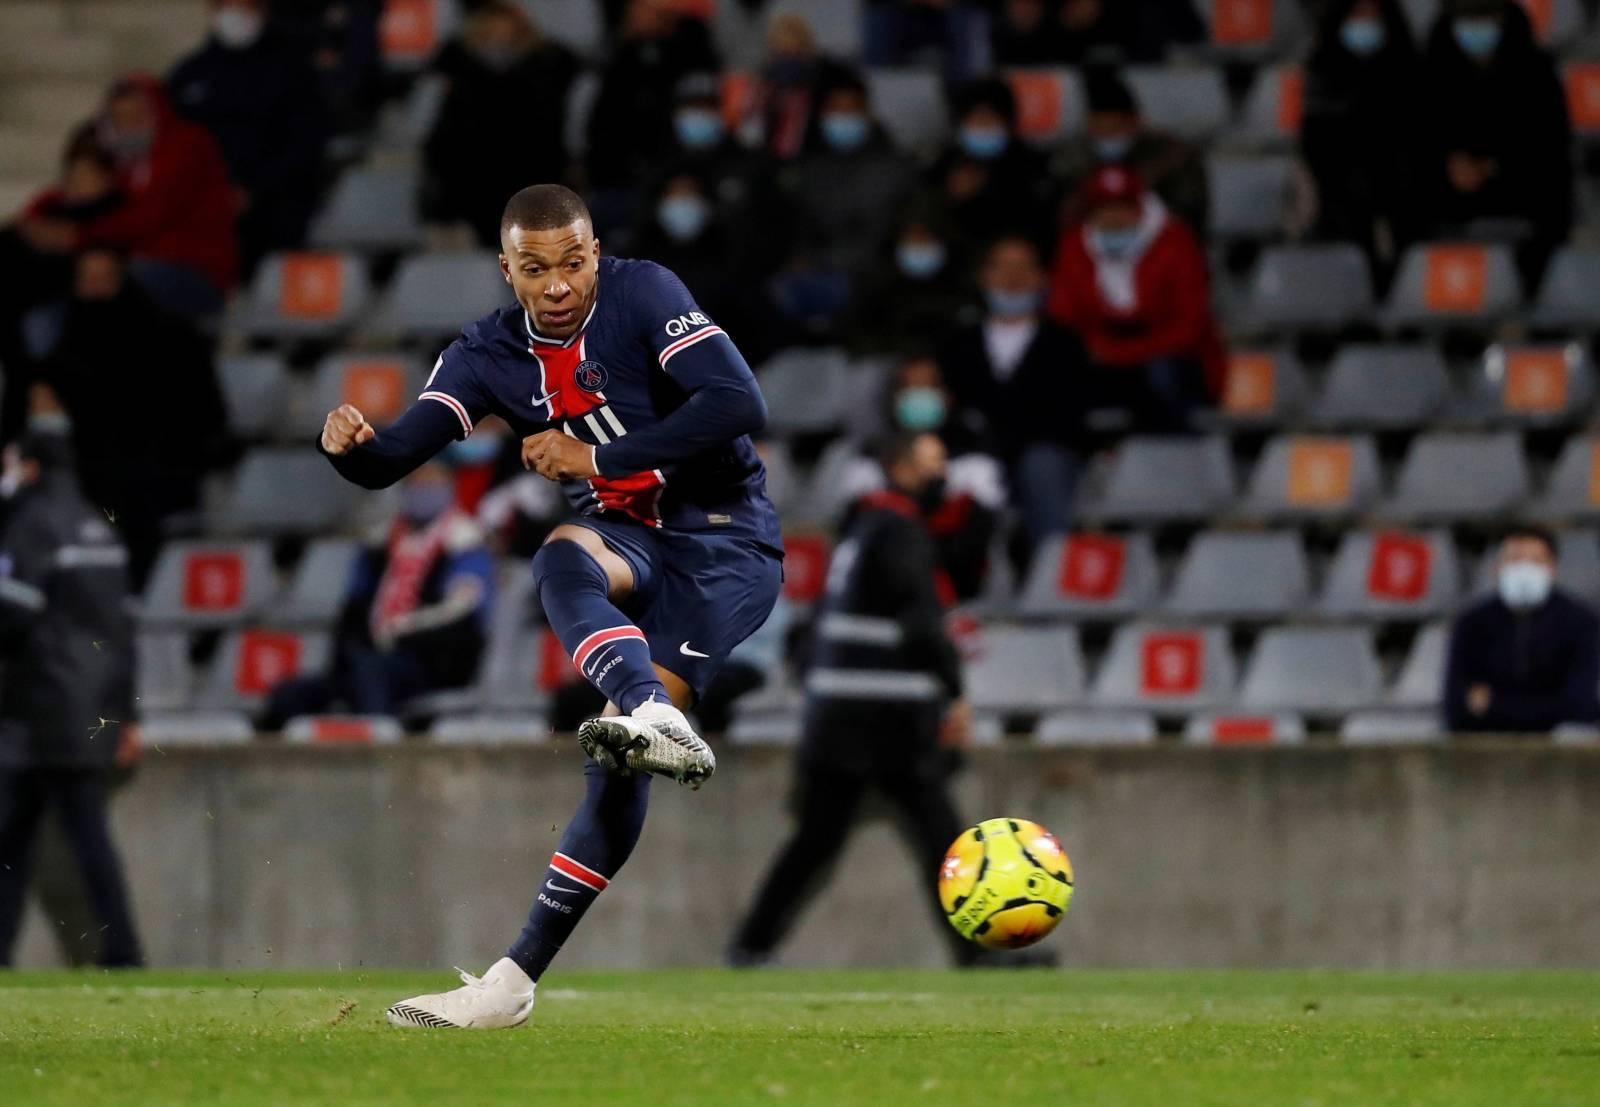 Ligue 1 - Nimes Olympique vs Paris St Germain